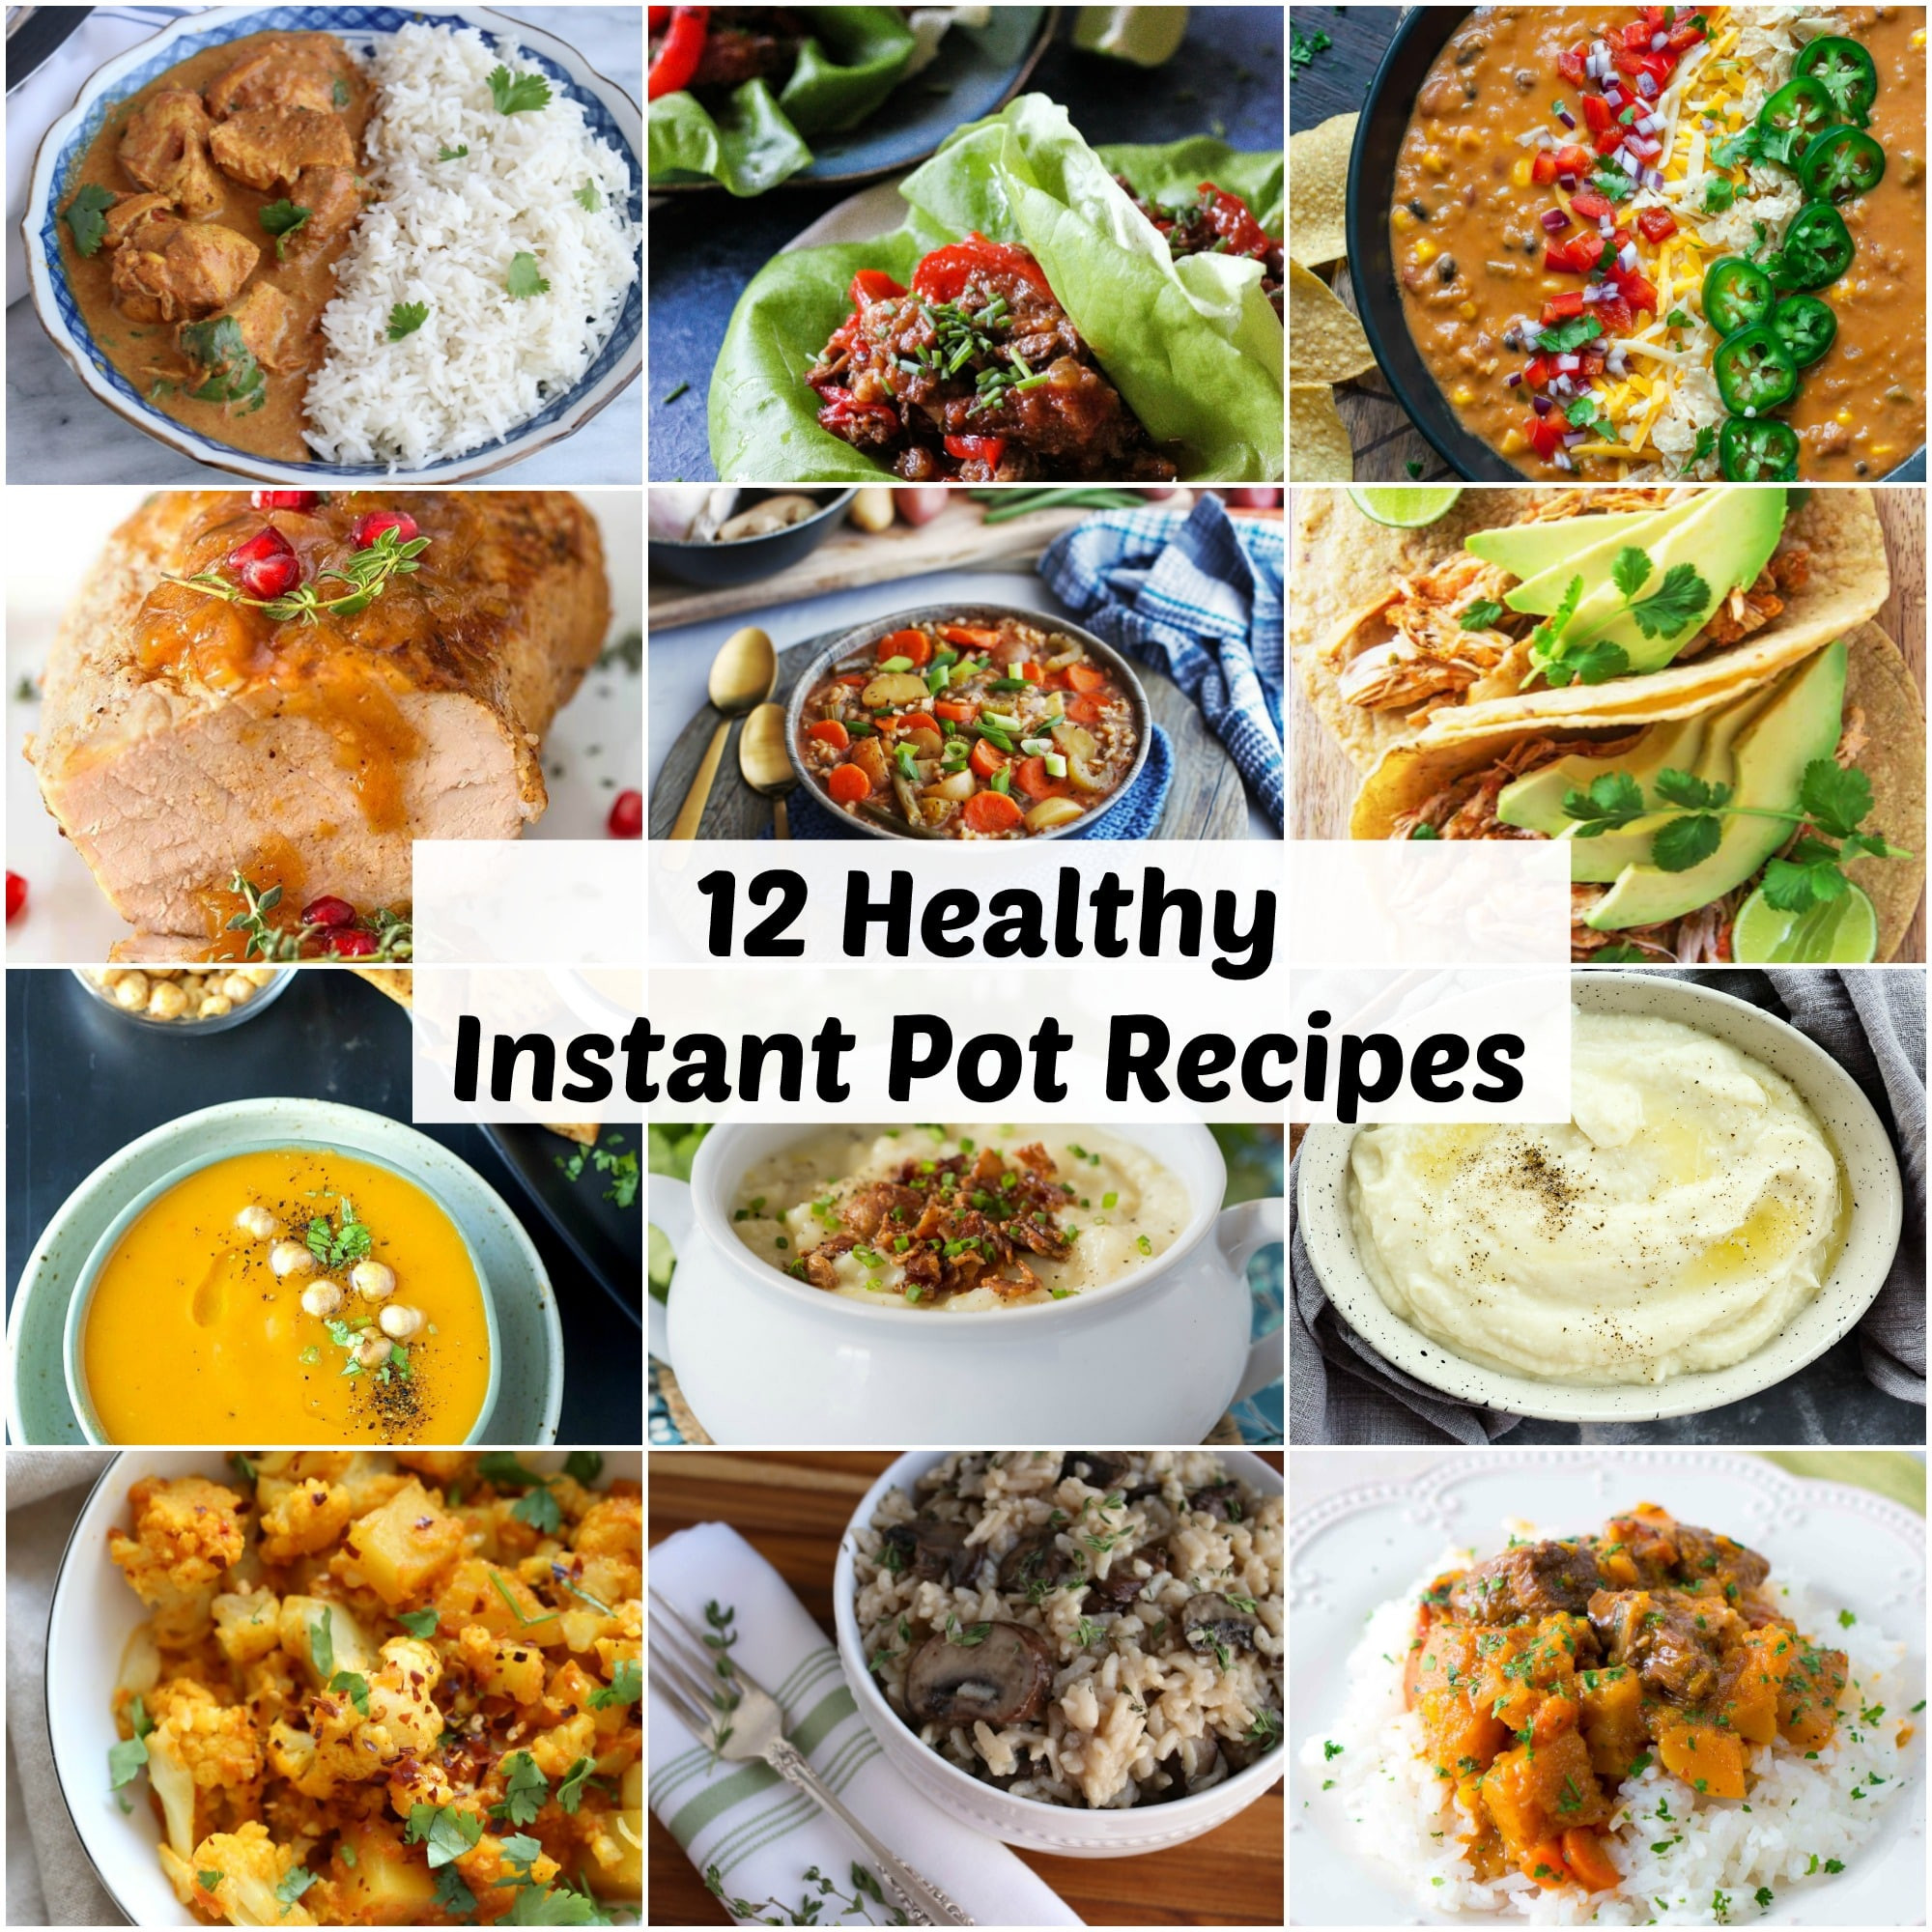 Best Healthy Instant Pot Recipes  12 Healthy Instant Pot Recipes